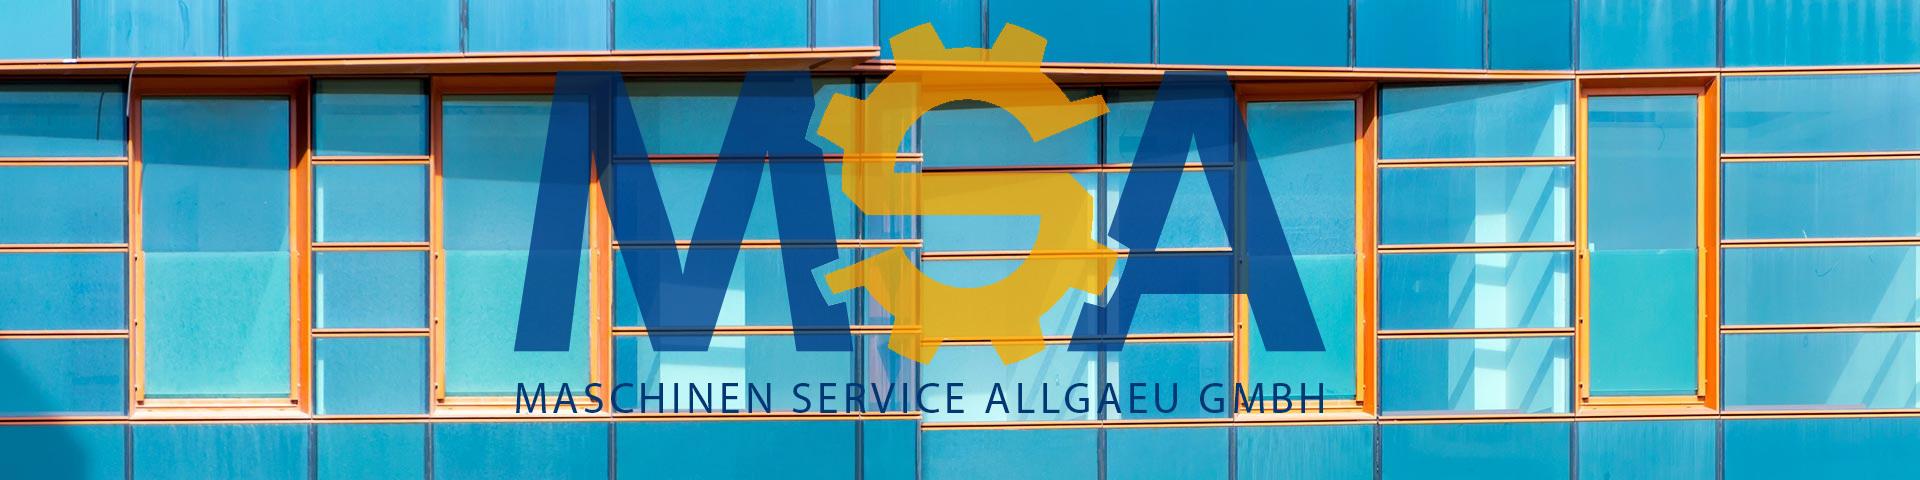 MSA Michael Schadt Maschinen und Anlagen GmbH Allgaeu